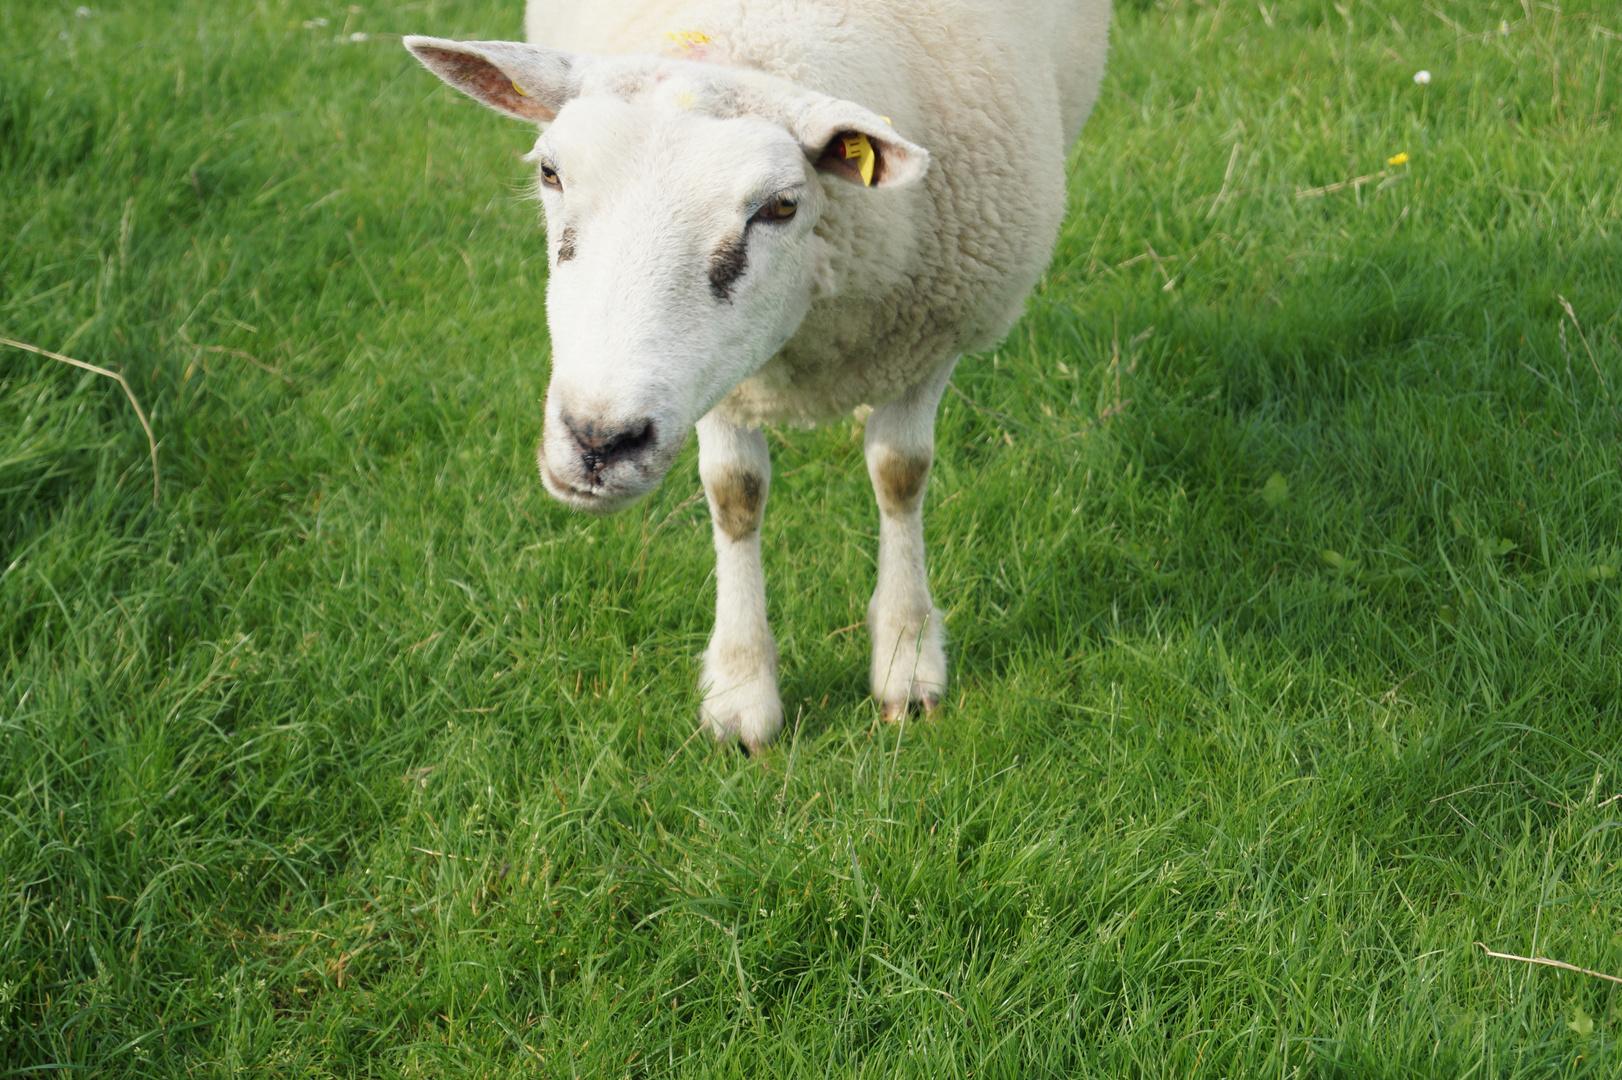 Ich bat das Schaf, mal ein blödes Gesicht für